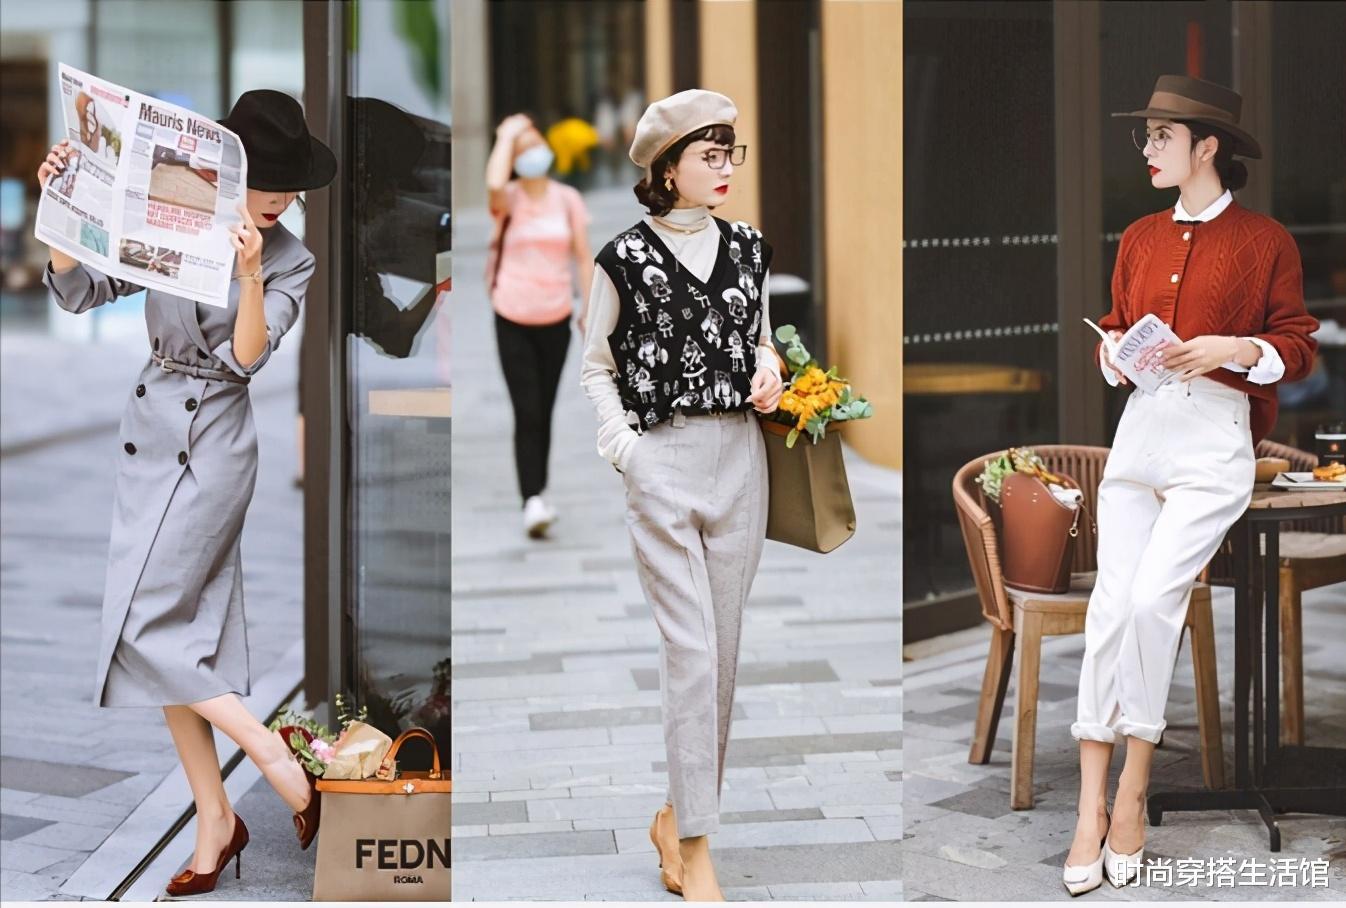 這才是真正用心打扮的女人,優雅法式風穿搭示范,時髦更有女人味